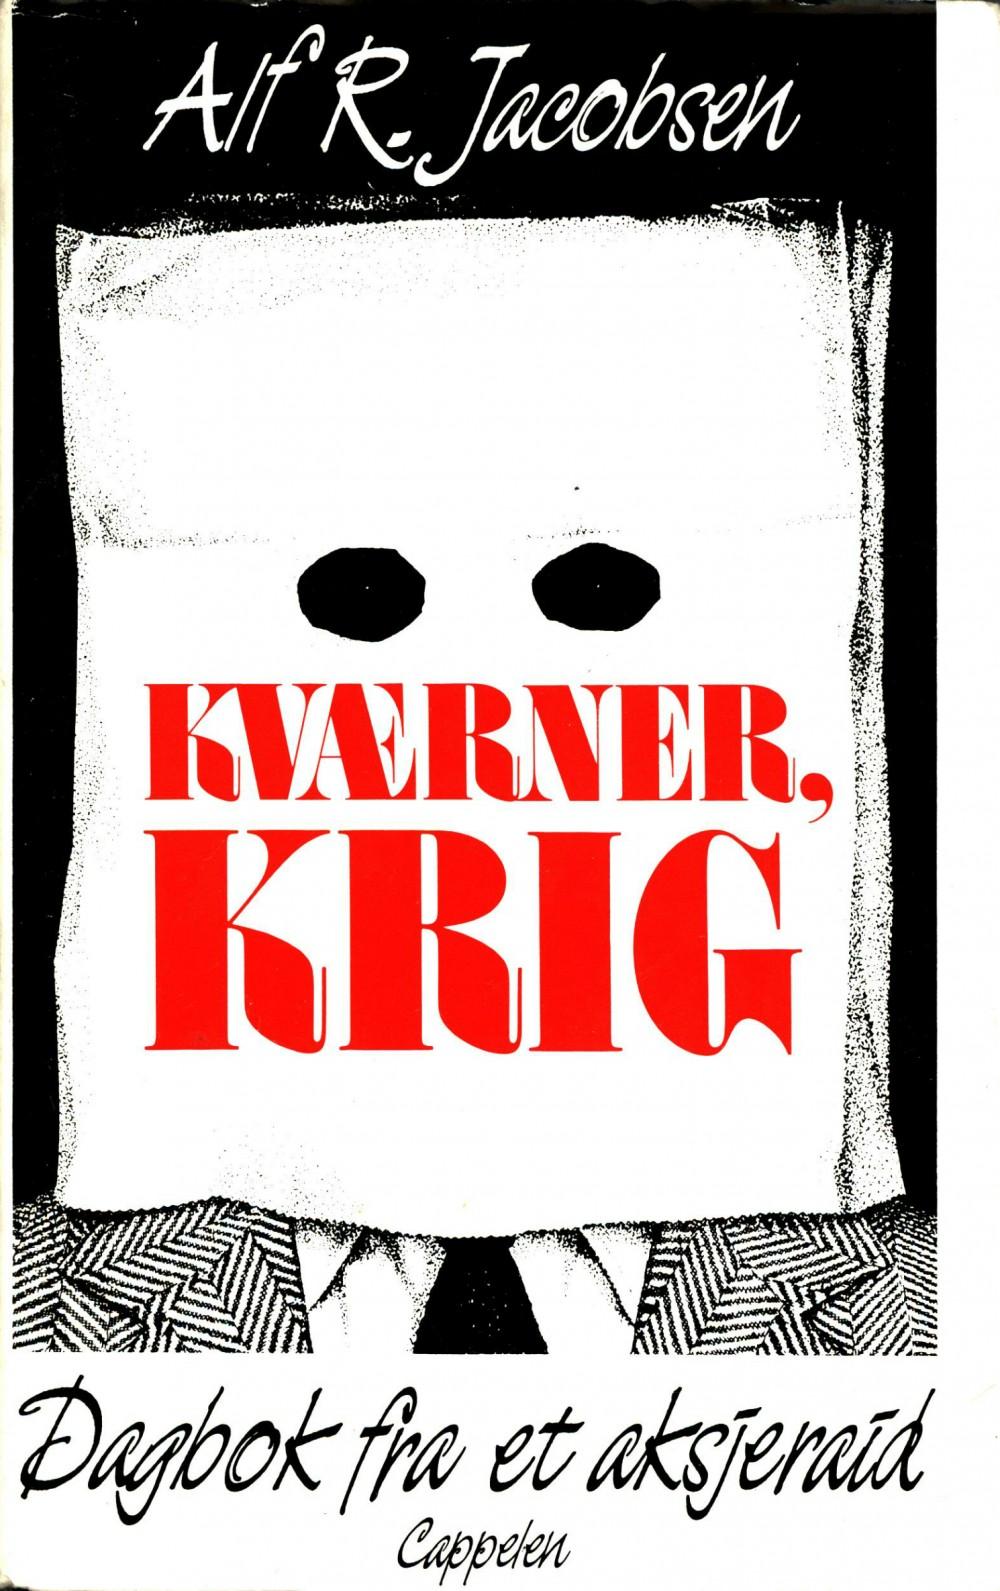 Alf R. Jacobsen: Kværner, krig - Dagbok fra et aksjeraid